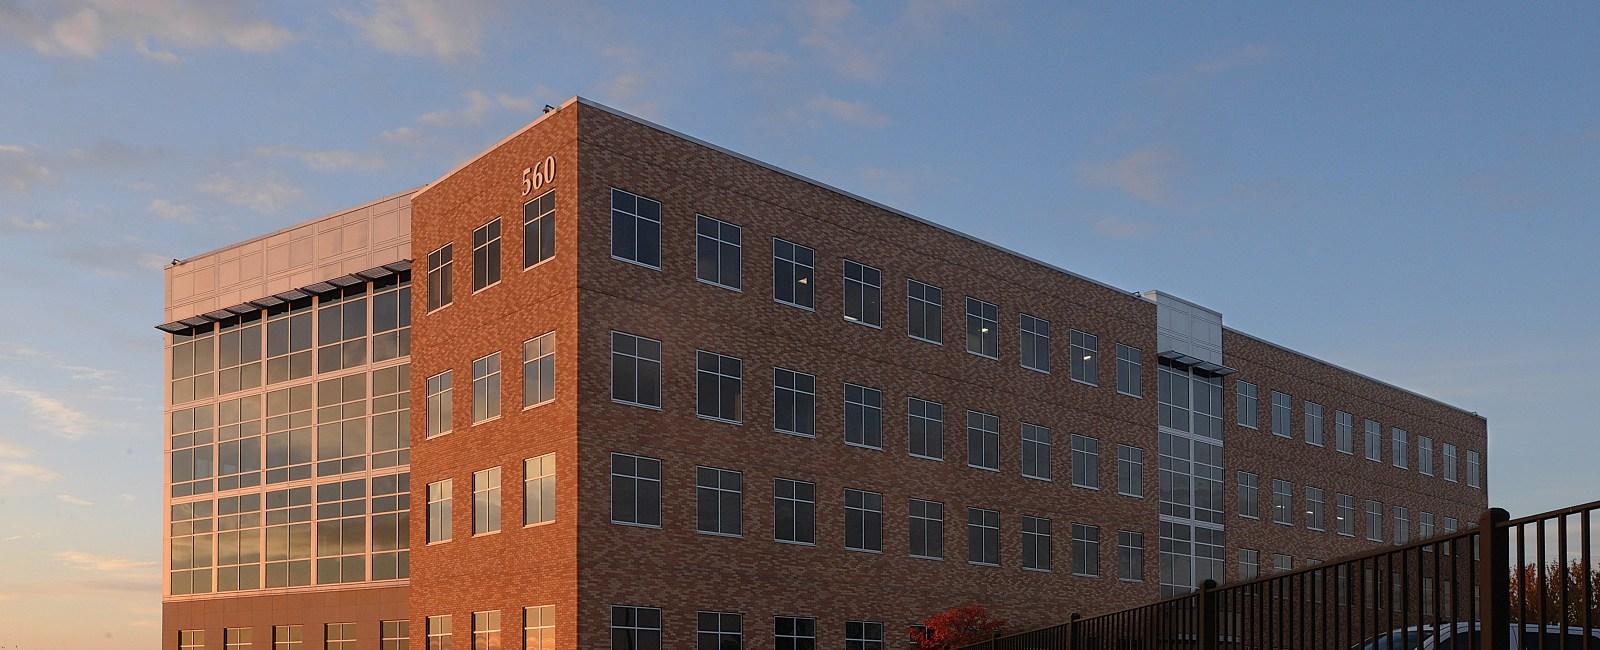 Western OB/GYN office building Waconia